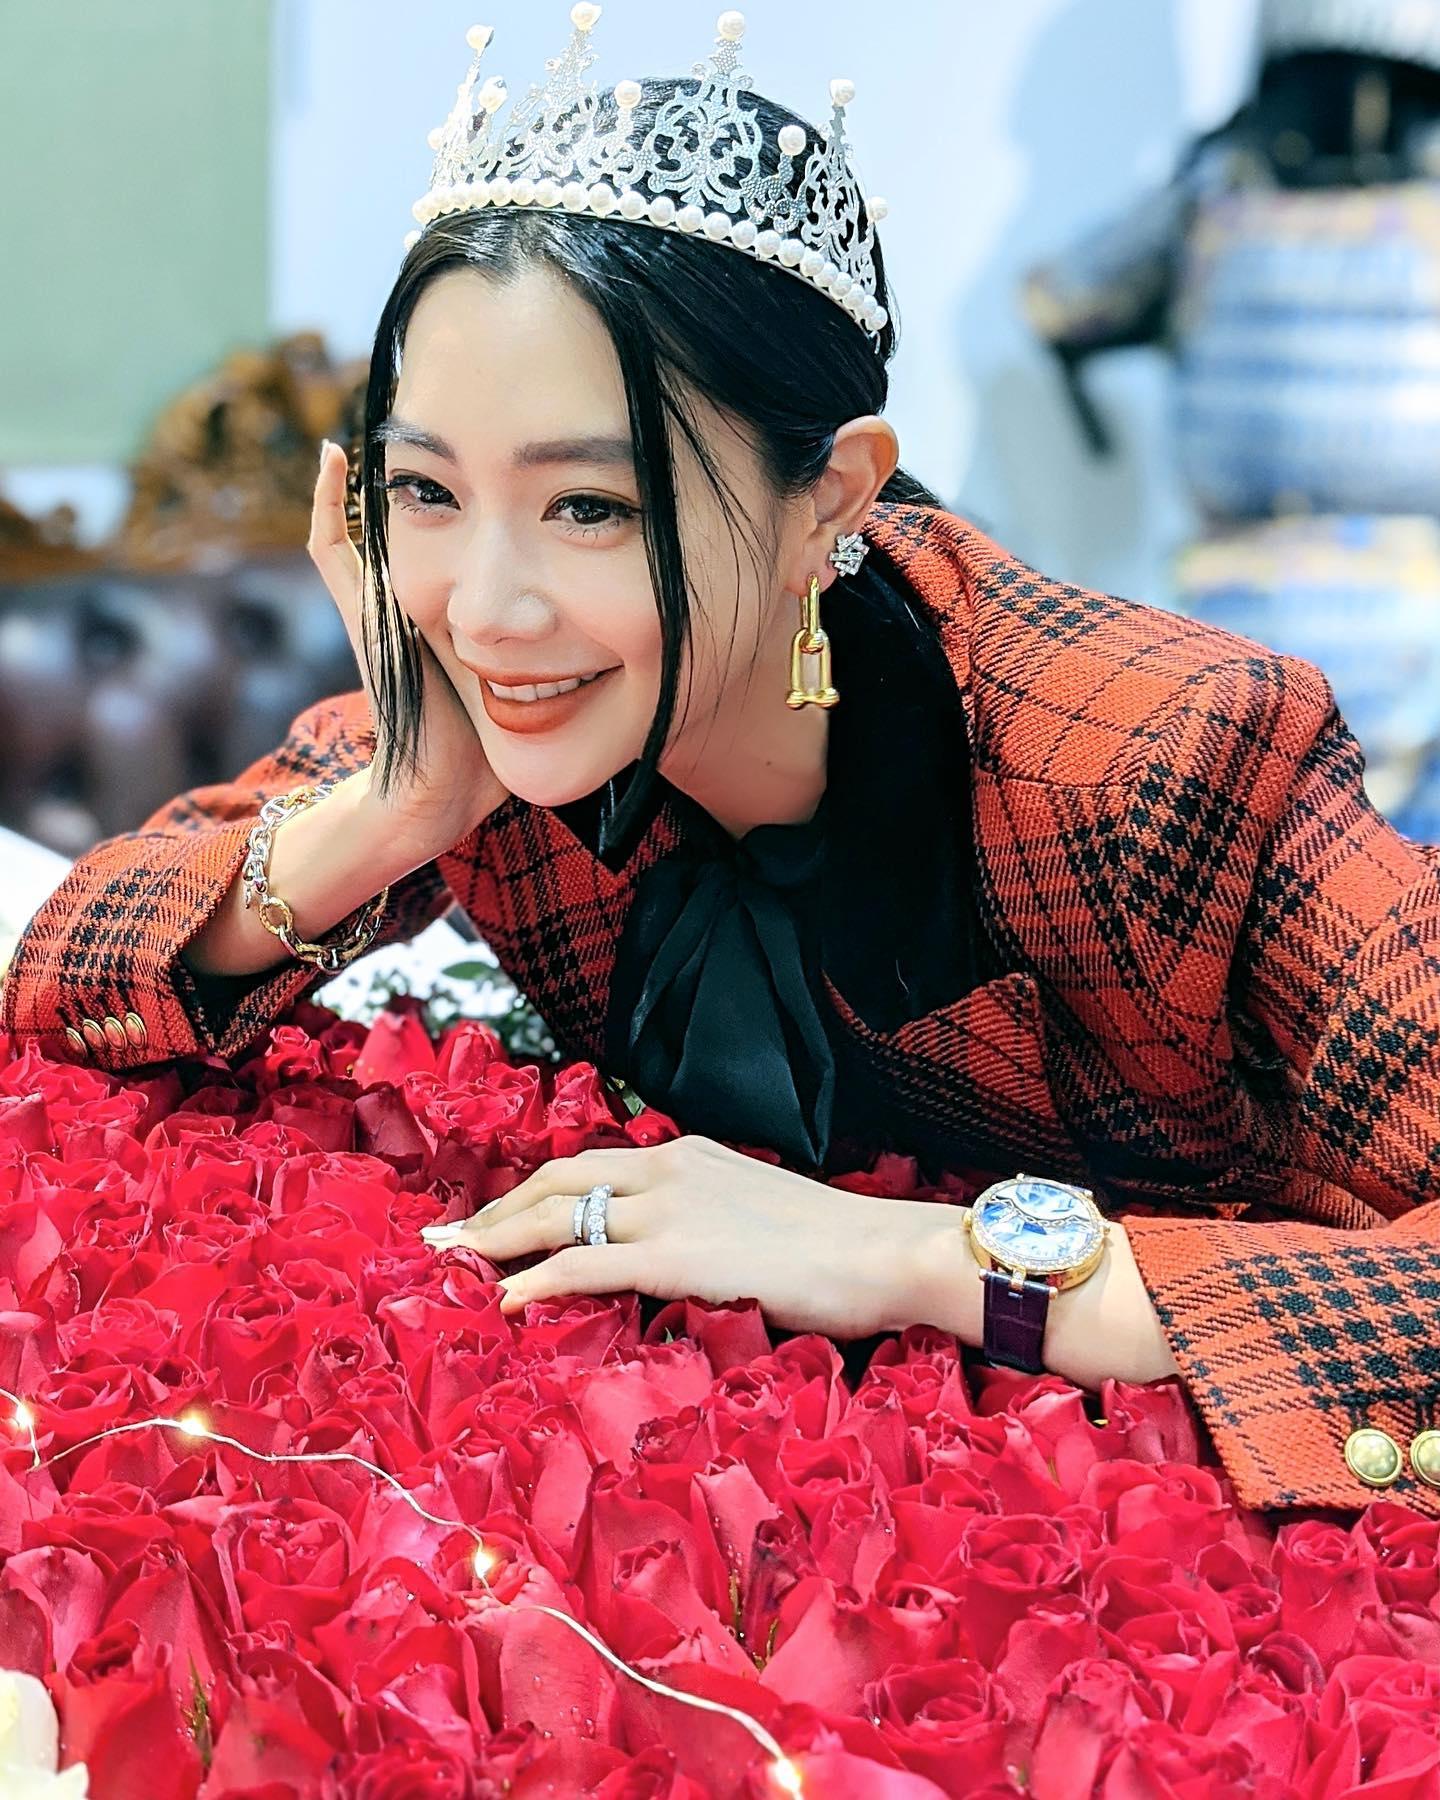 Cô cười rạng rỡ trong sinh nhật thứ 36 hôm 15/1. Theo Naver, chồng đại gia tặng cô 999 bông hồng và nhiều món quà xa xỉ.